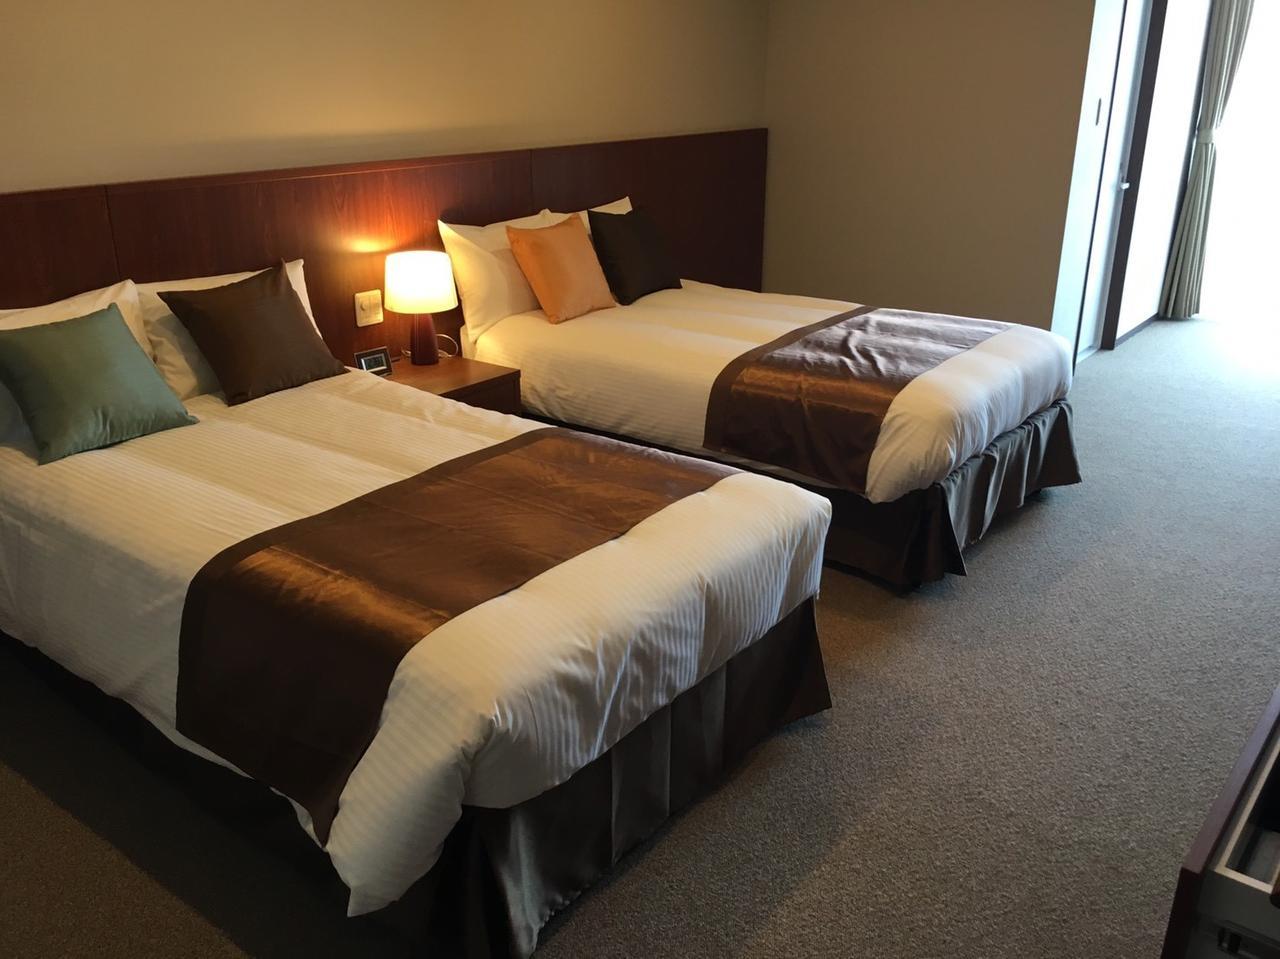 画像3: 【国内旅行・沖縄】新オープン!ユインチホテル南城アネックス館